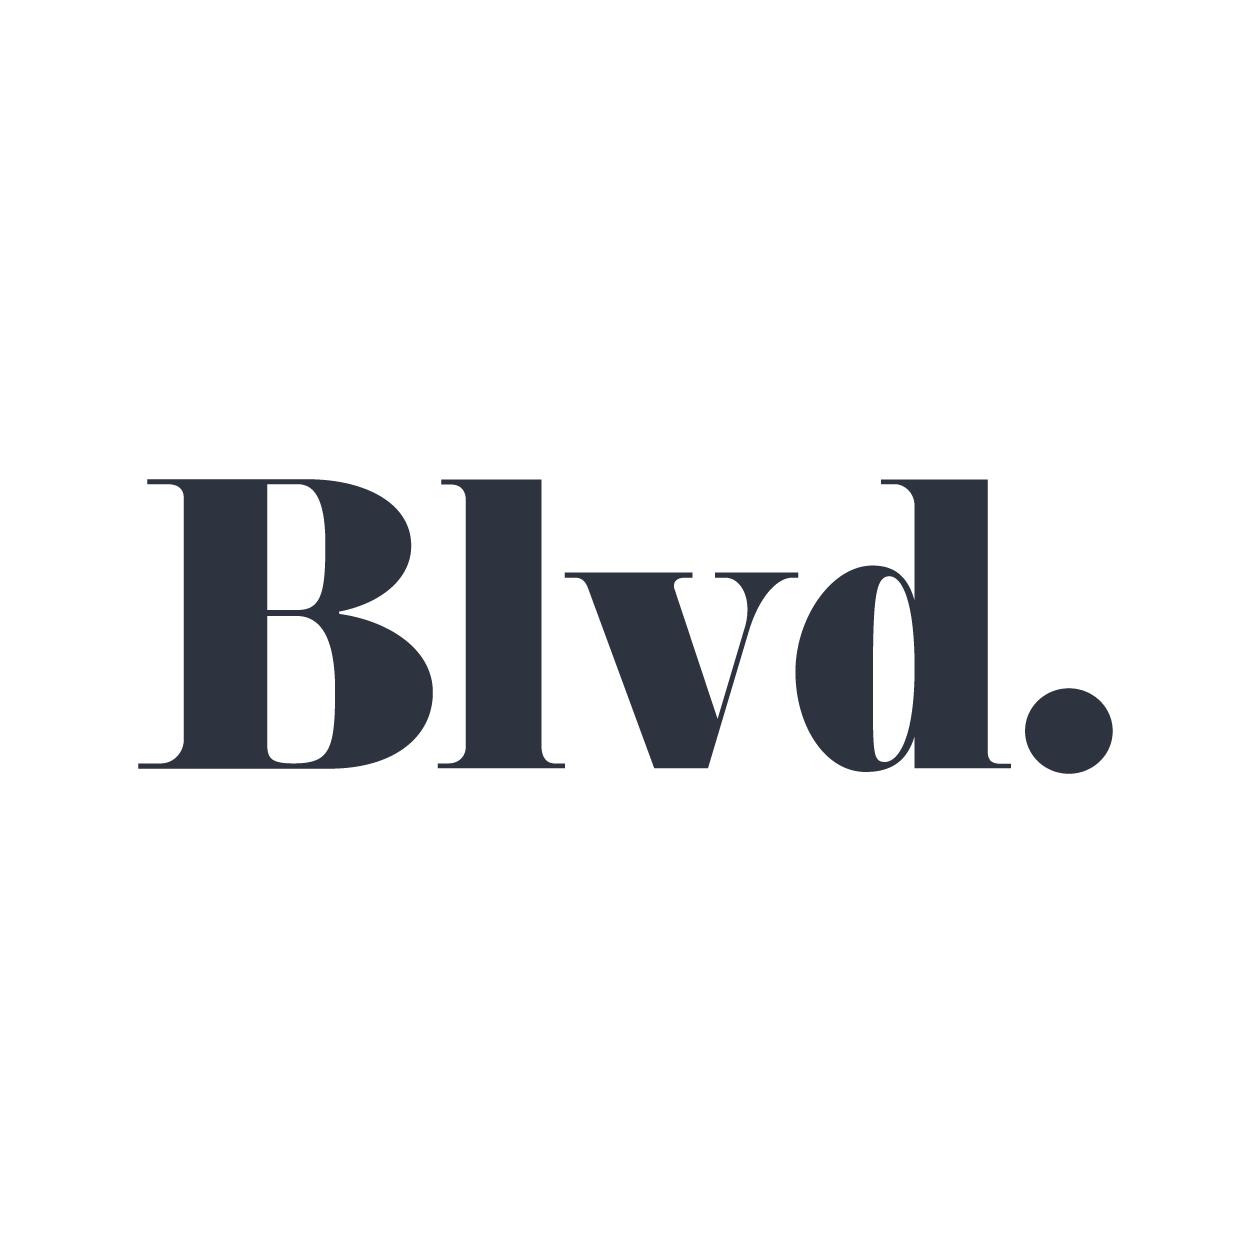 BLVD-LOGO-01.png